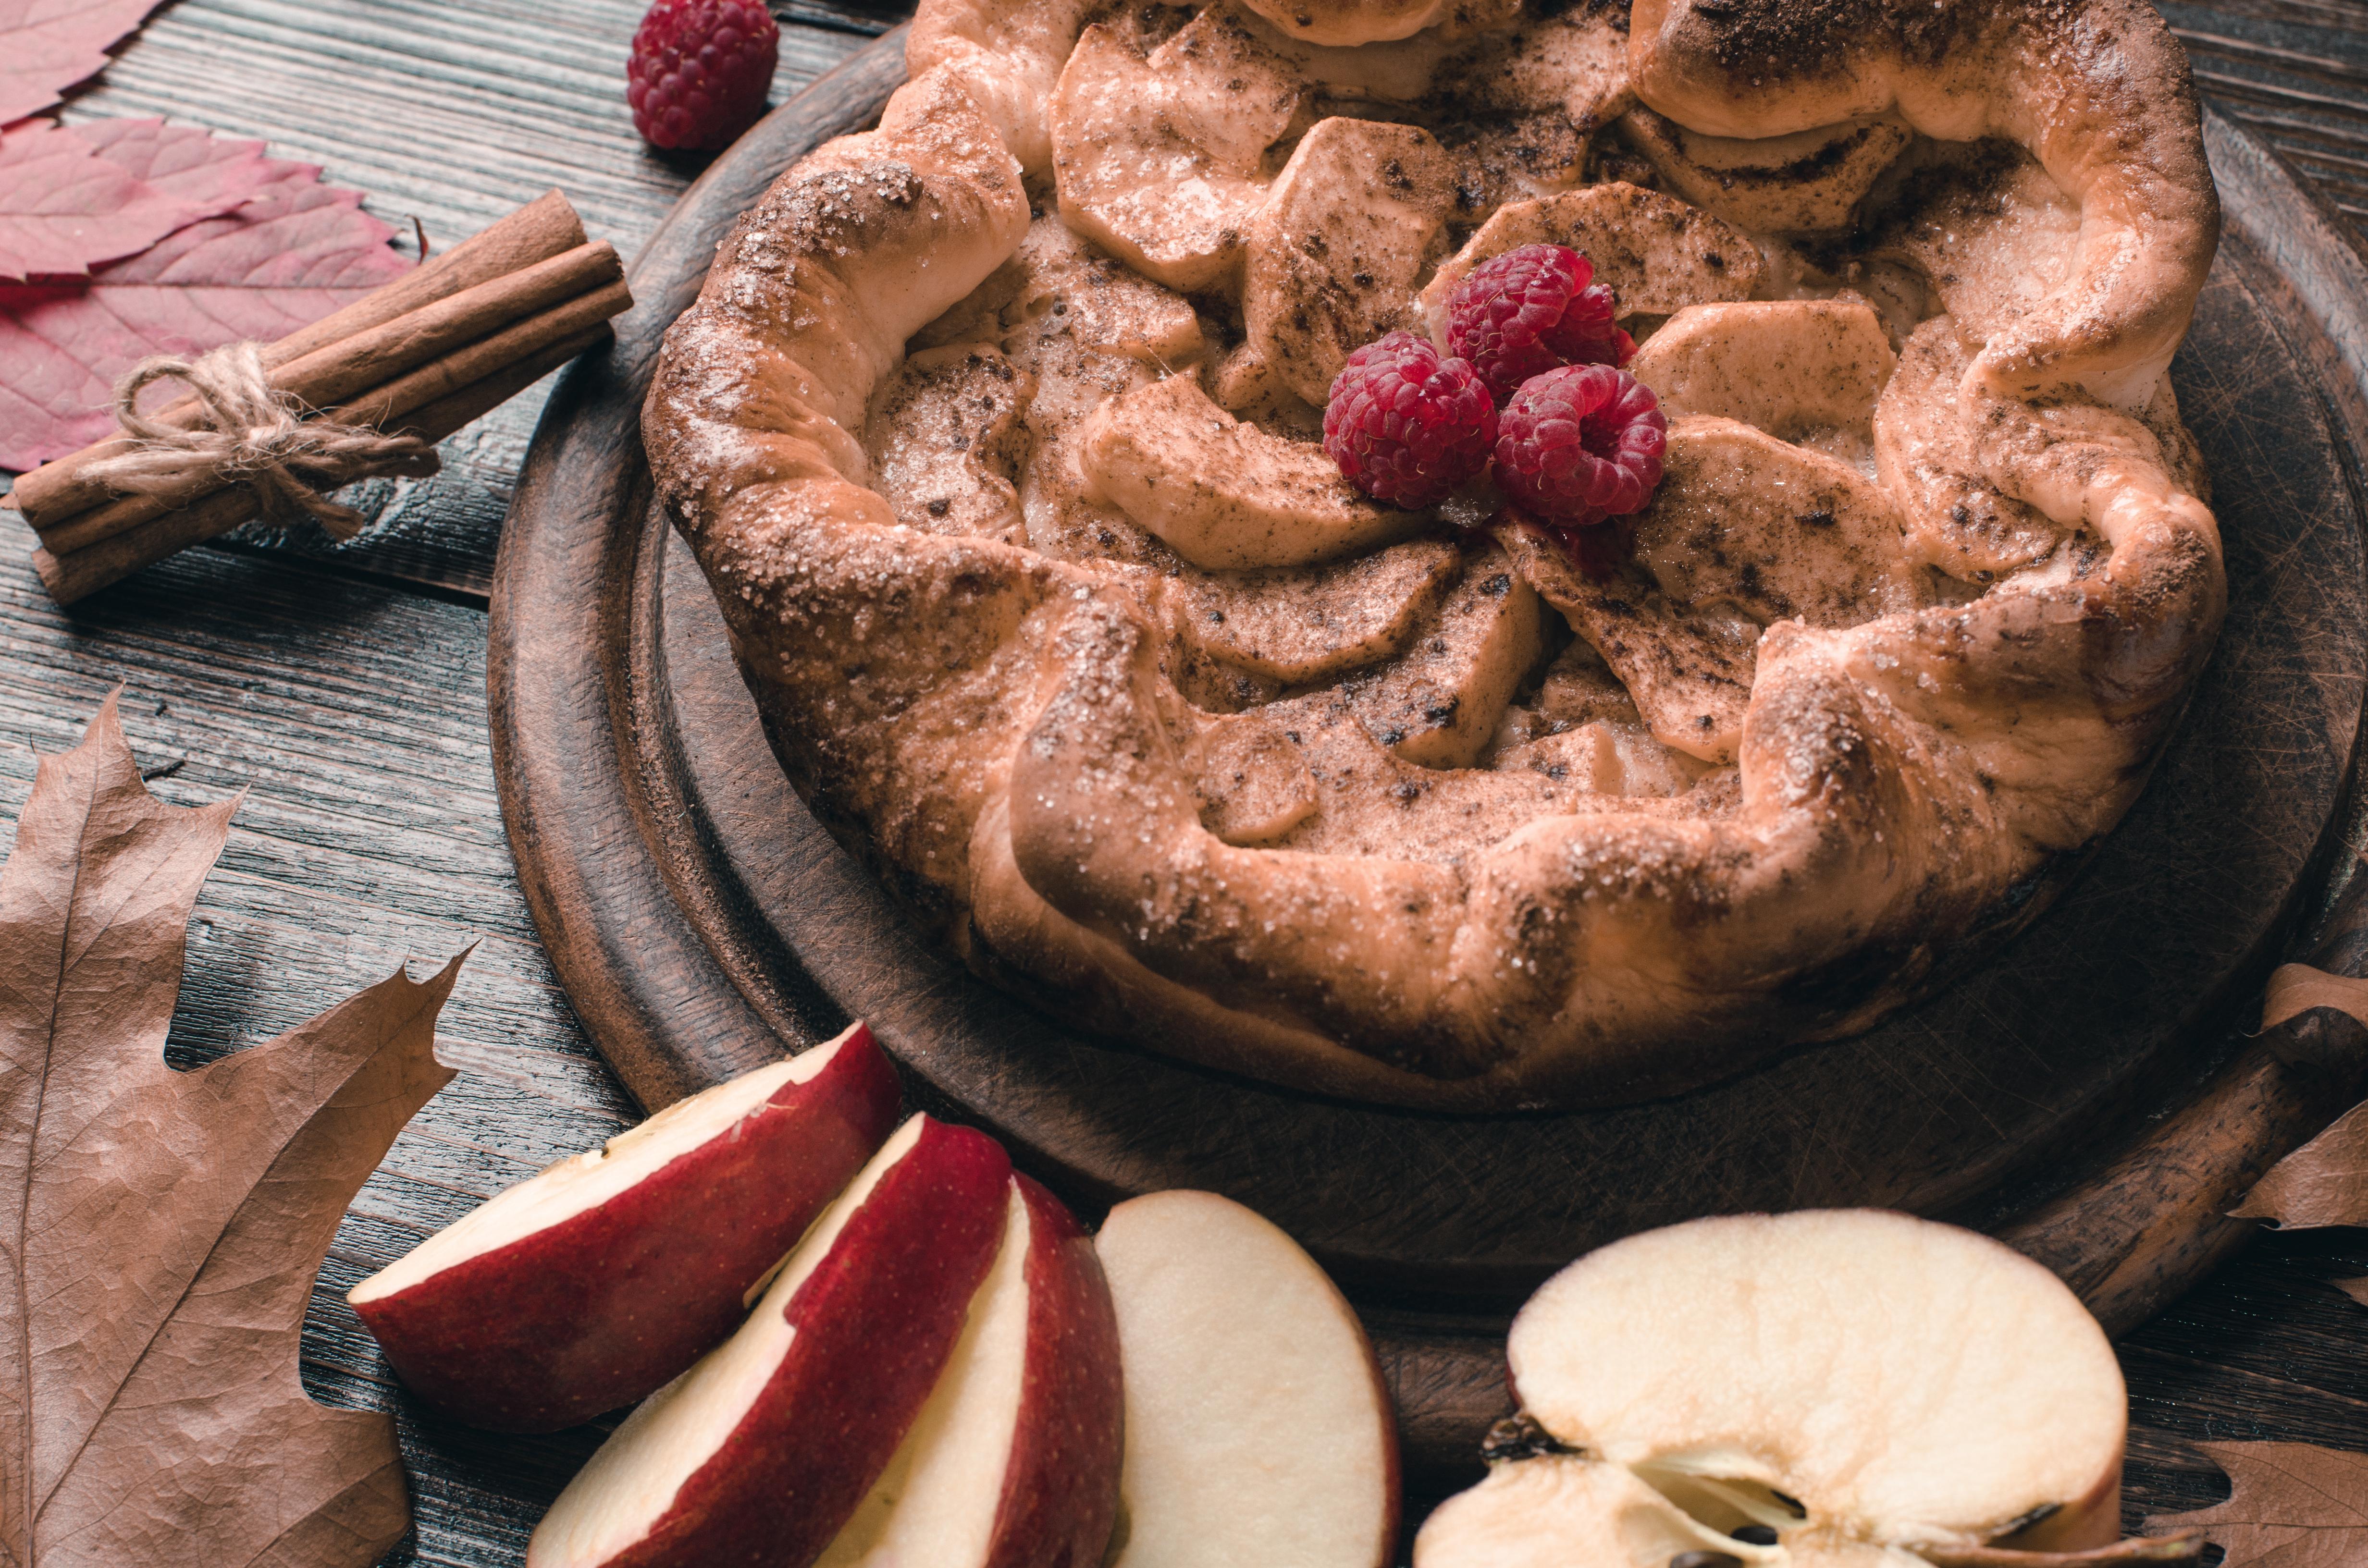 اهتمى بالأطباق الغنية بالفاكهة bytz_ltfh.jpg